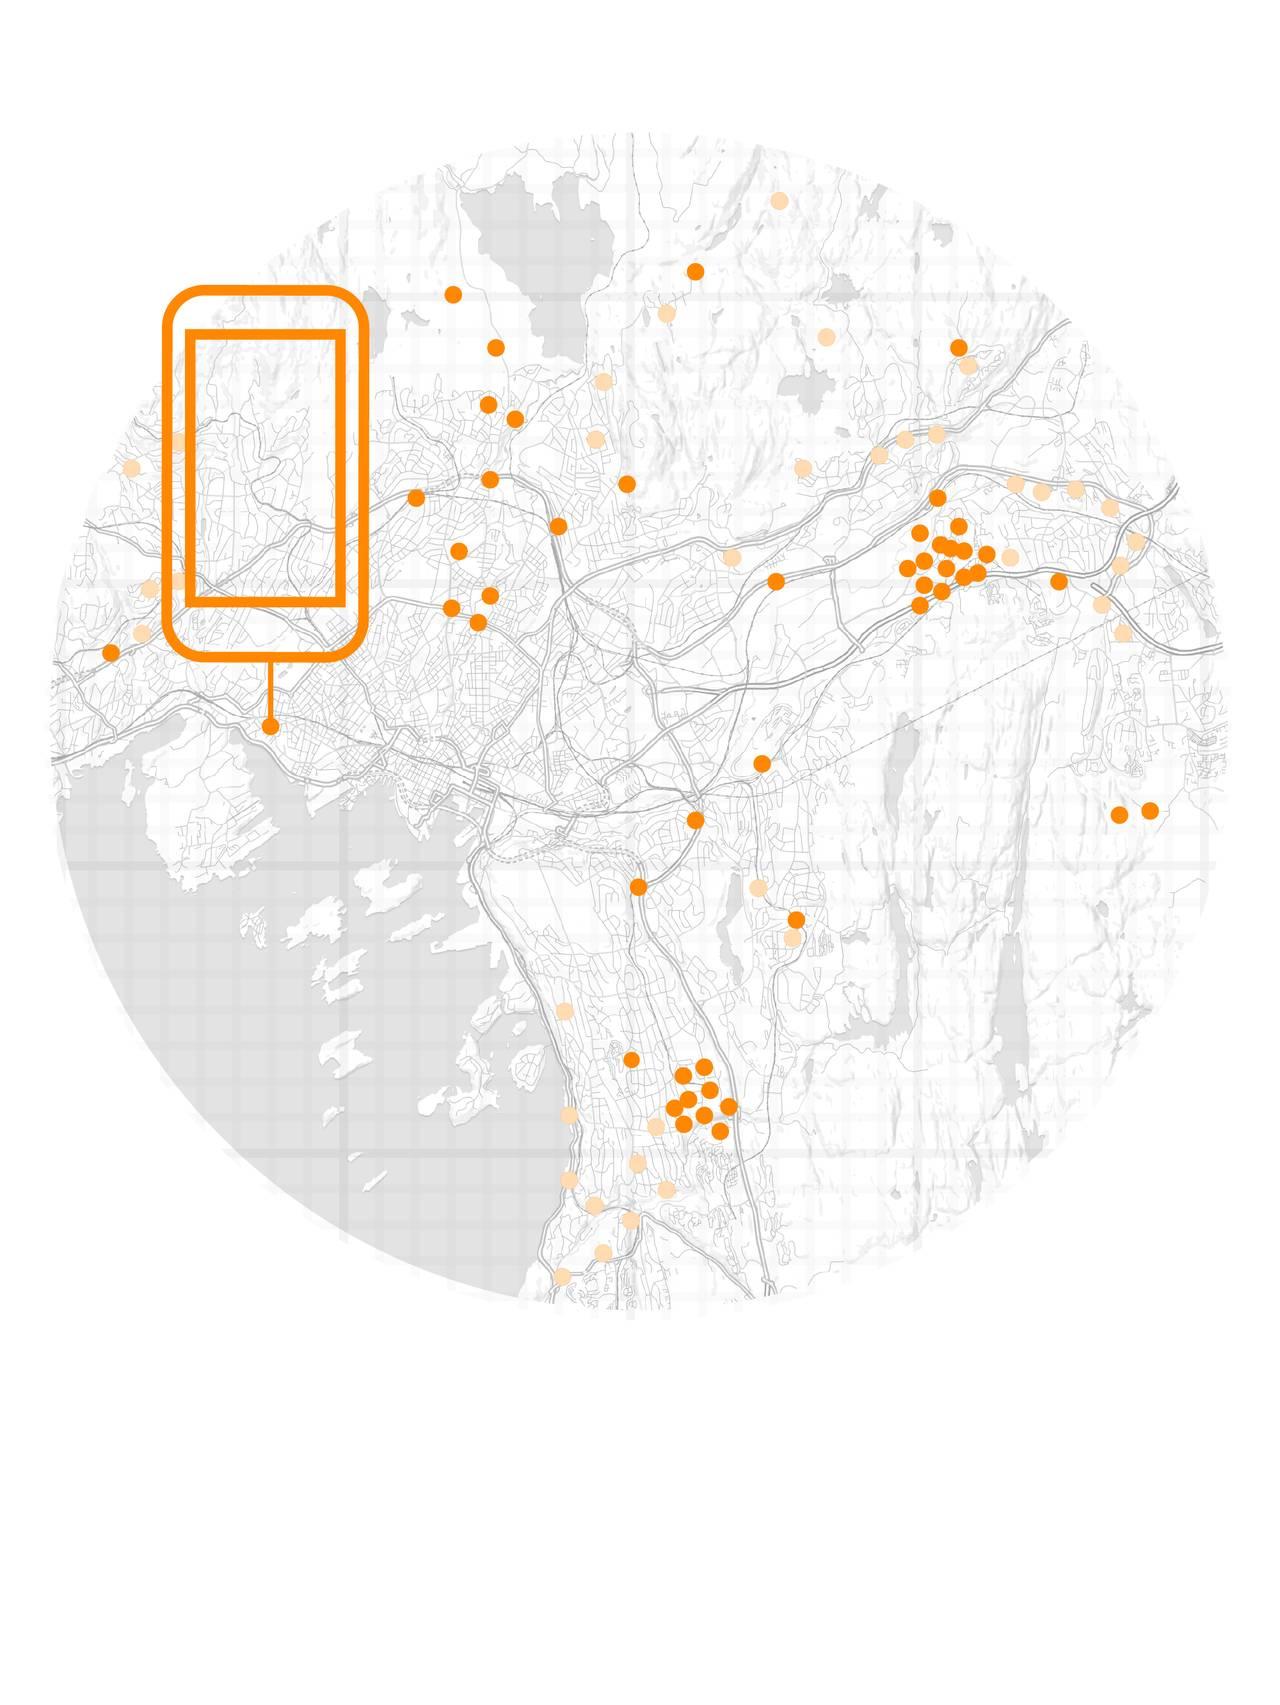 Noen av prikkene er uthevet og man ser at de tilhører én mobiltelefon.